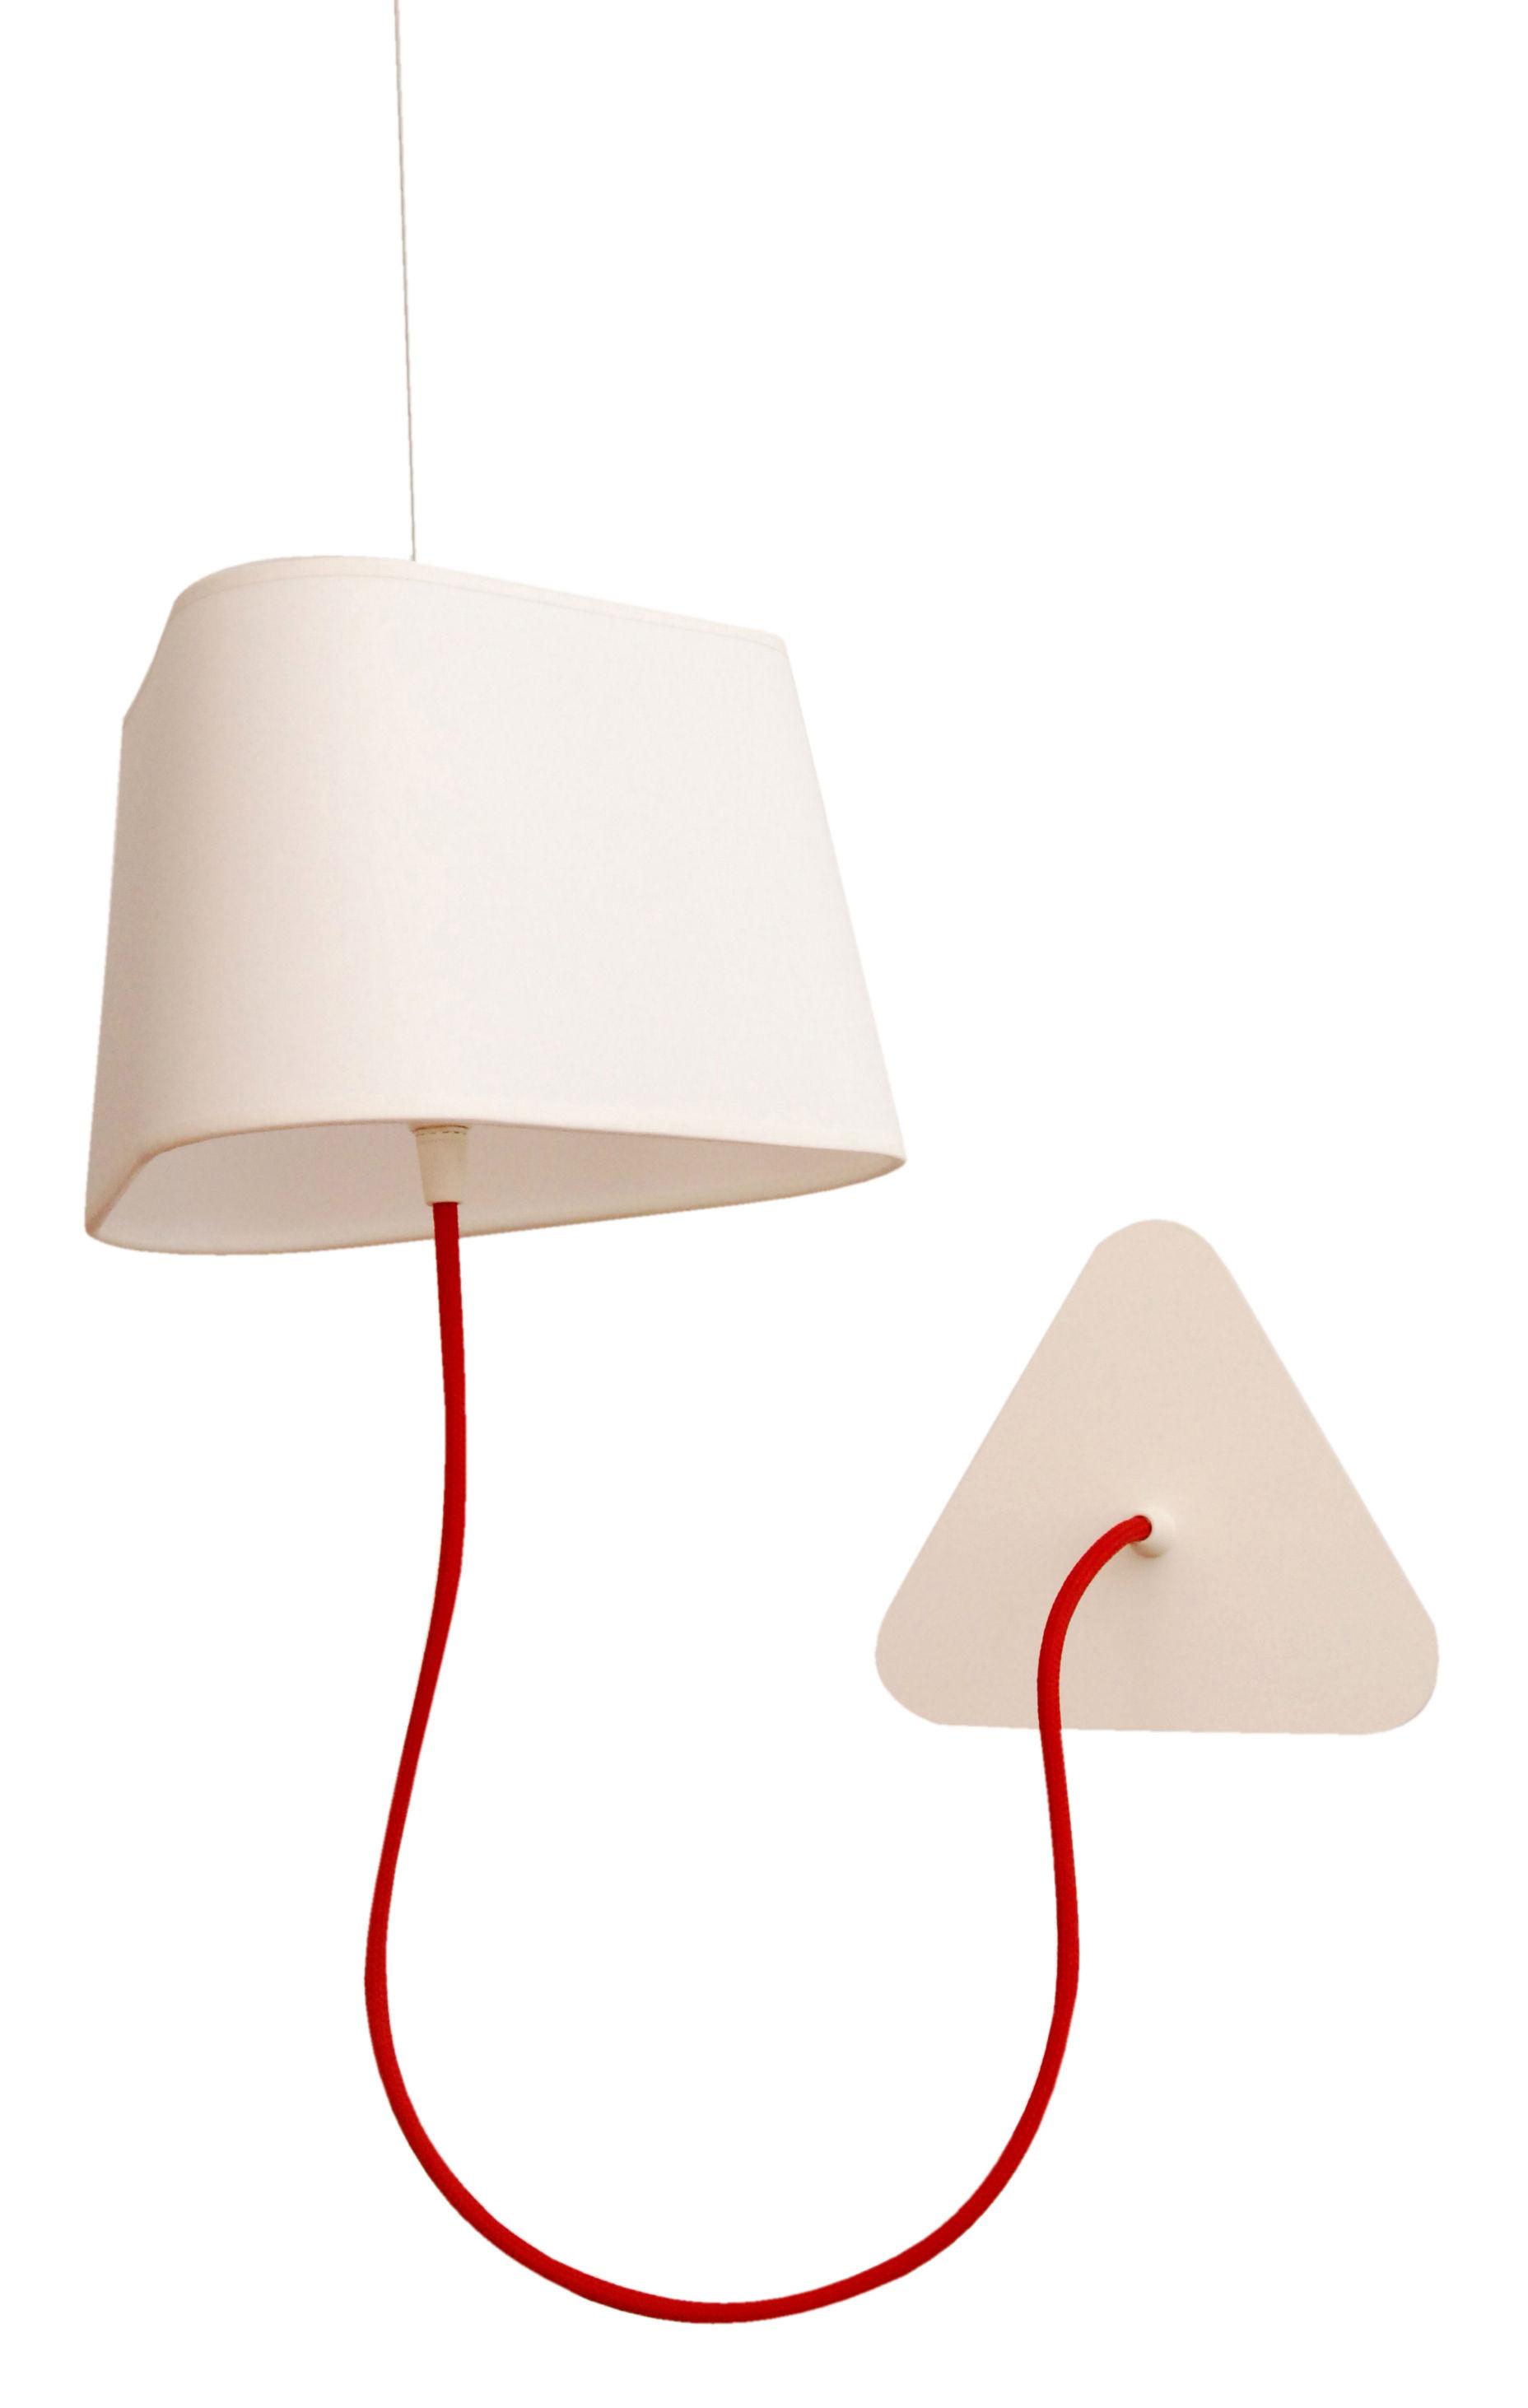 applique avec prise petit nuage l 24 cm fixation au plafond tissu blanc uni designheure. Black Bedroom Furniture Sets. Home Design Ideas